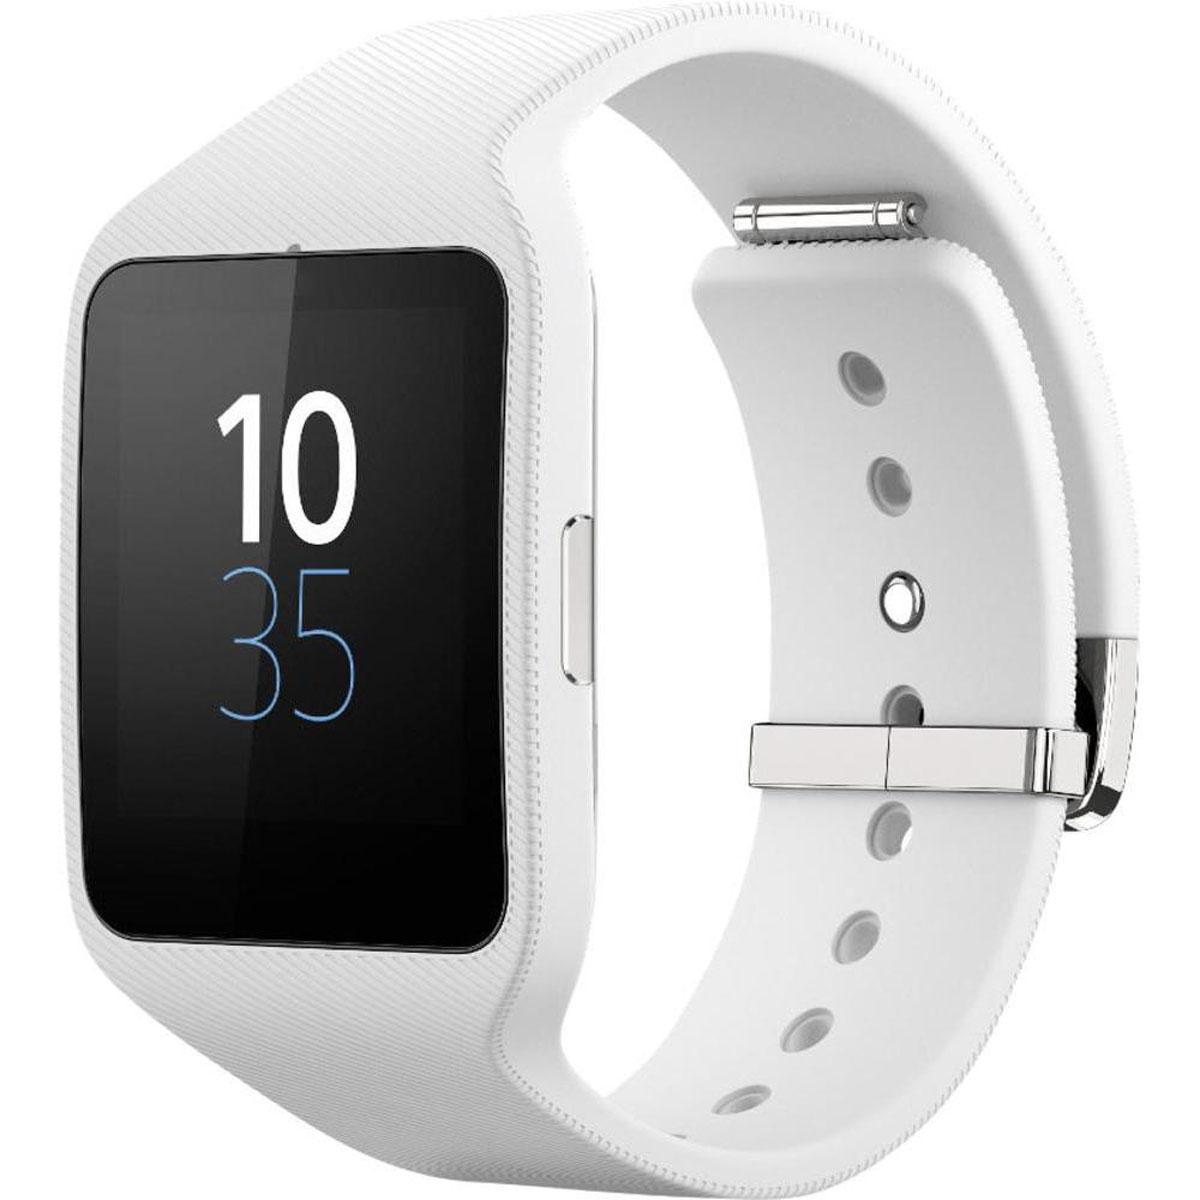 Sony SmartWatch 3 SWR50, White смарт-часыT008380Инновационные часы SmartWatch 3 SWR50 сочетают эффективные технологии с впечатляющим стильным дизайном. Вы легко настроите SmartWatch 3 SWR50 под себя и свой стиль жизни с помощью разнообразных приложений, доступных для загрузки Даже в отдельности от смартфона SmartWatch 3 SWR50 обладает множеством интересных и полезных возможностей. Собрались на пробежку? Двигайтесь в ритме: в ваши умные часы закачать любимые песни, и музыка последует за вами, даже если смартфон останется дома. Всё это время ваши умные часы будут отслеживать вашу физическую активность, а когда вы вернетесь с тренировки на свежем воздухе, эти данные синхронизируются с приложением Lifelog. Умная ОС Android Wear постоянно анализирует текущую ситуацию и тут же предлагает вам полезные сведения, а еще - слушается ваших голосовых команд. Прямо на ходу просматривайте на экране новости, актуальные для вас именно в данный момент. Один взгляд на запястье - и вы знаете, на что следует обратить внимание...